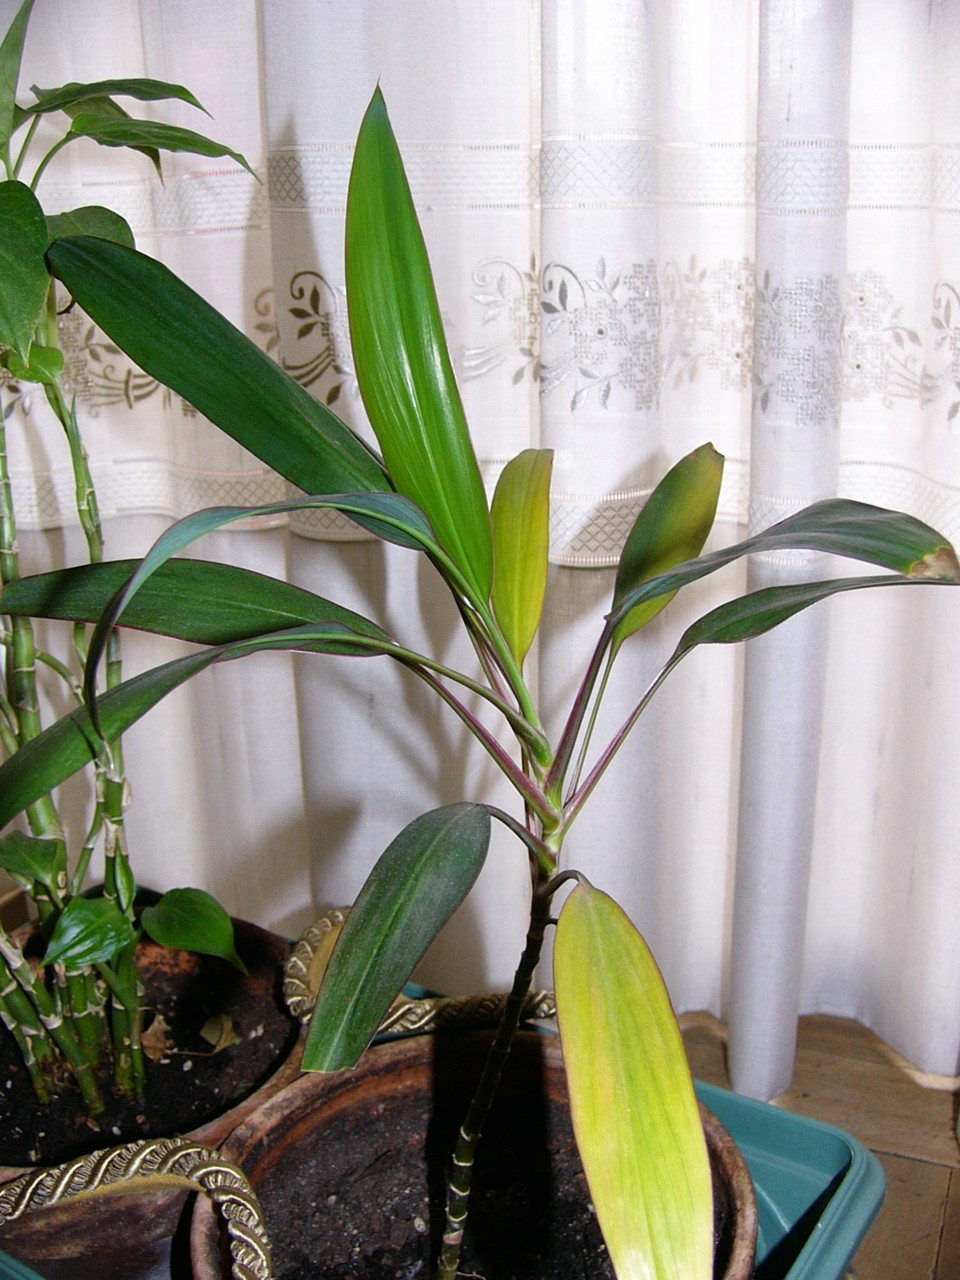 Planta_02.jpg